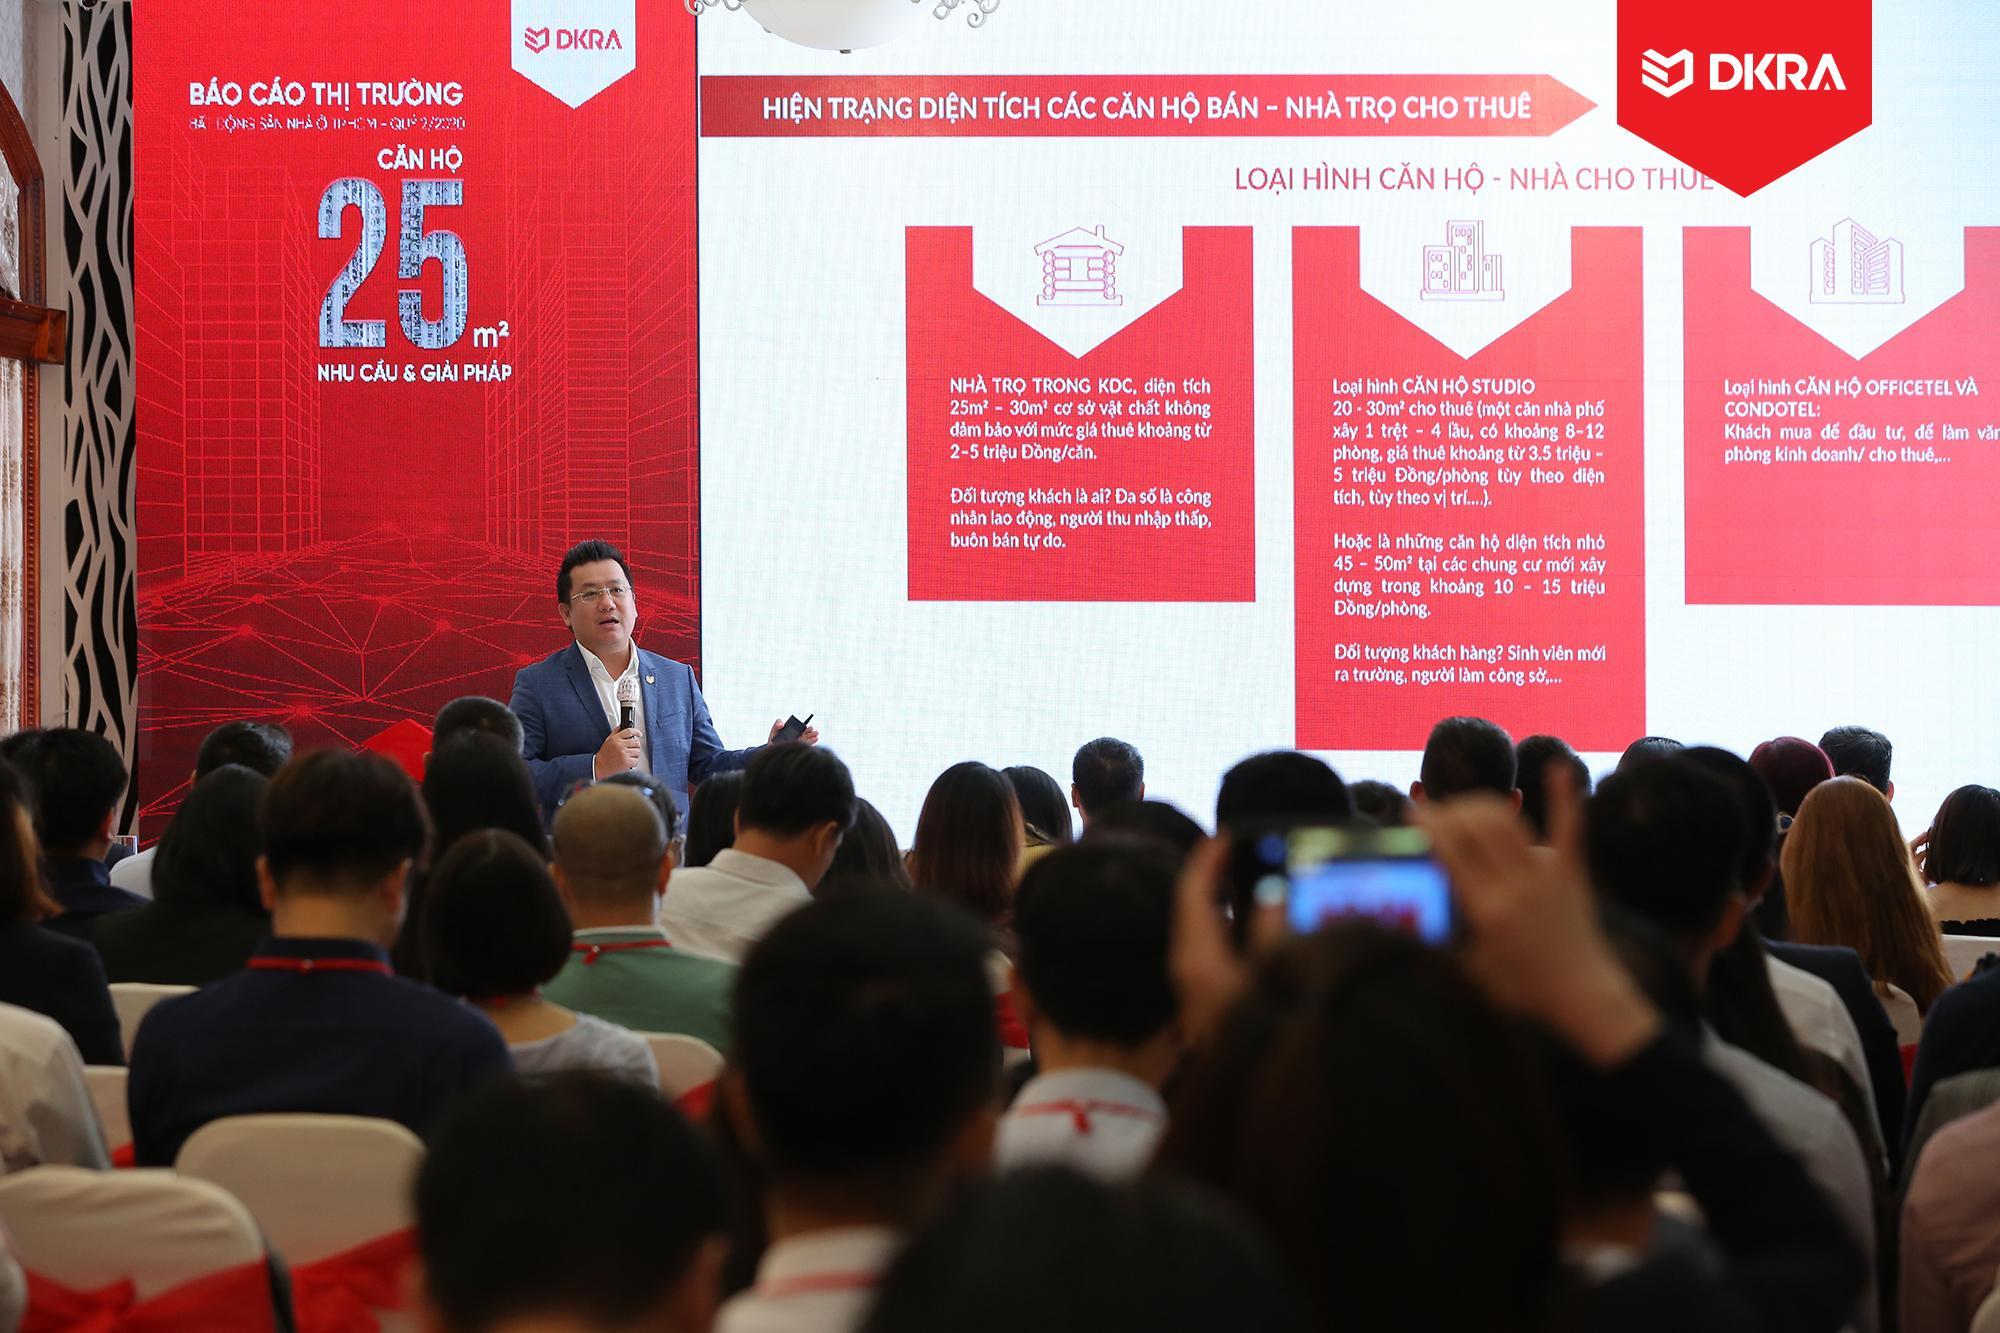 """Ông Phạm Lâm - CEO DKRA Vietnam trình bày chủ đề chính """"Căn hộ 25m2 - Nhu cầu & giải pháp"""" tại sự kiện."""